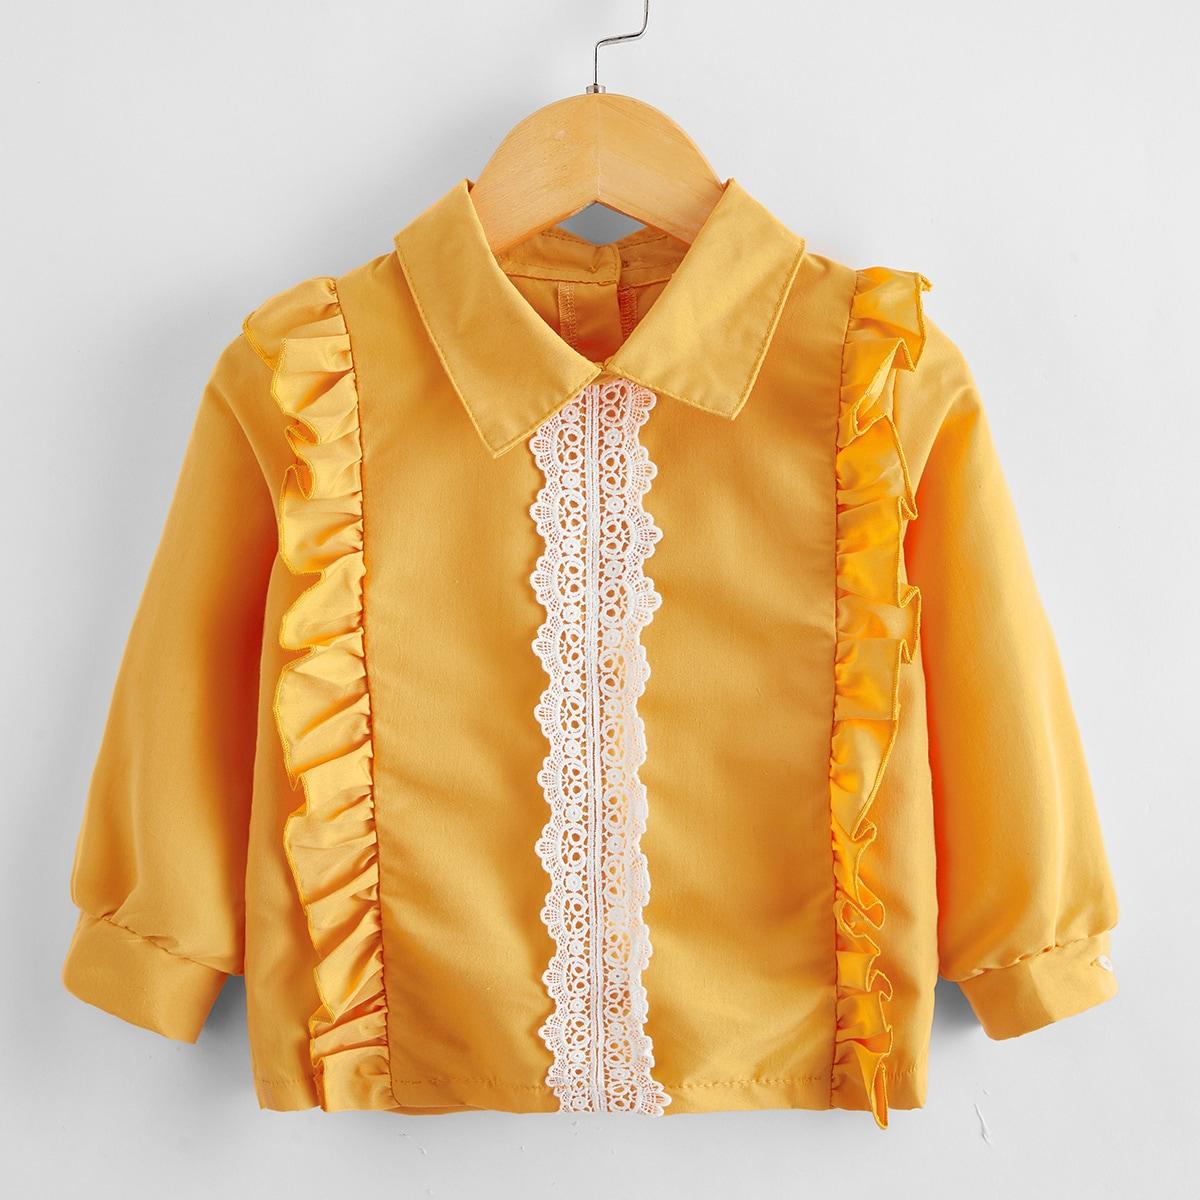 С оборками контрастный цвет повседневный блузы для девочек